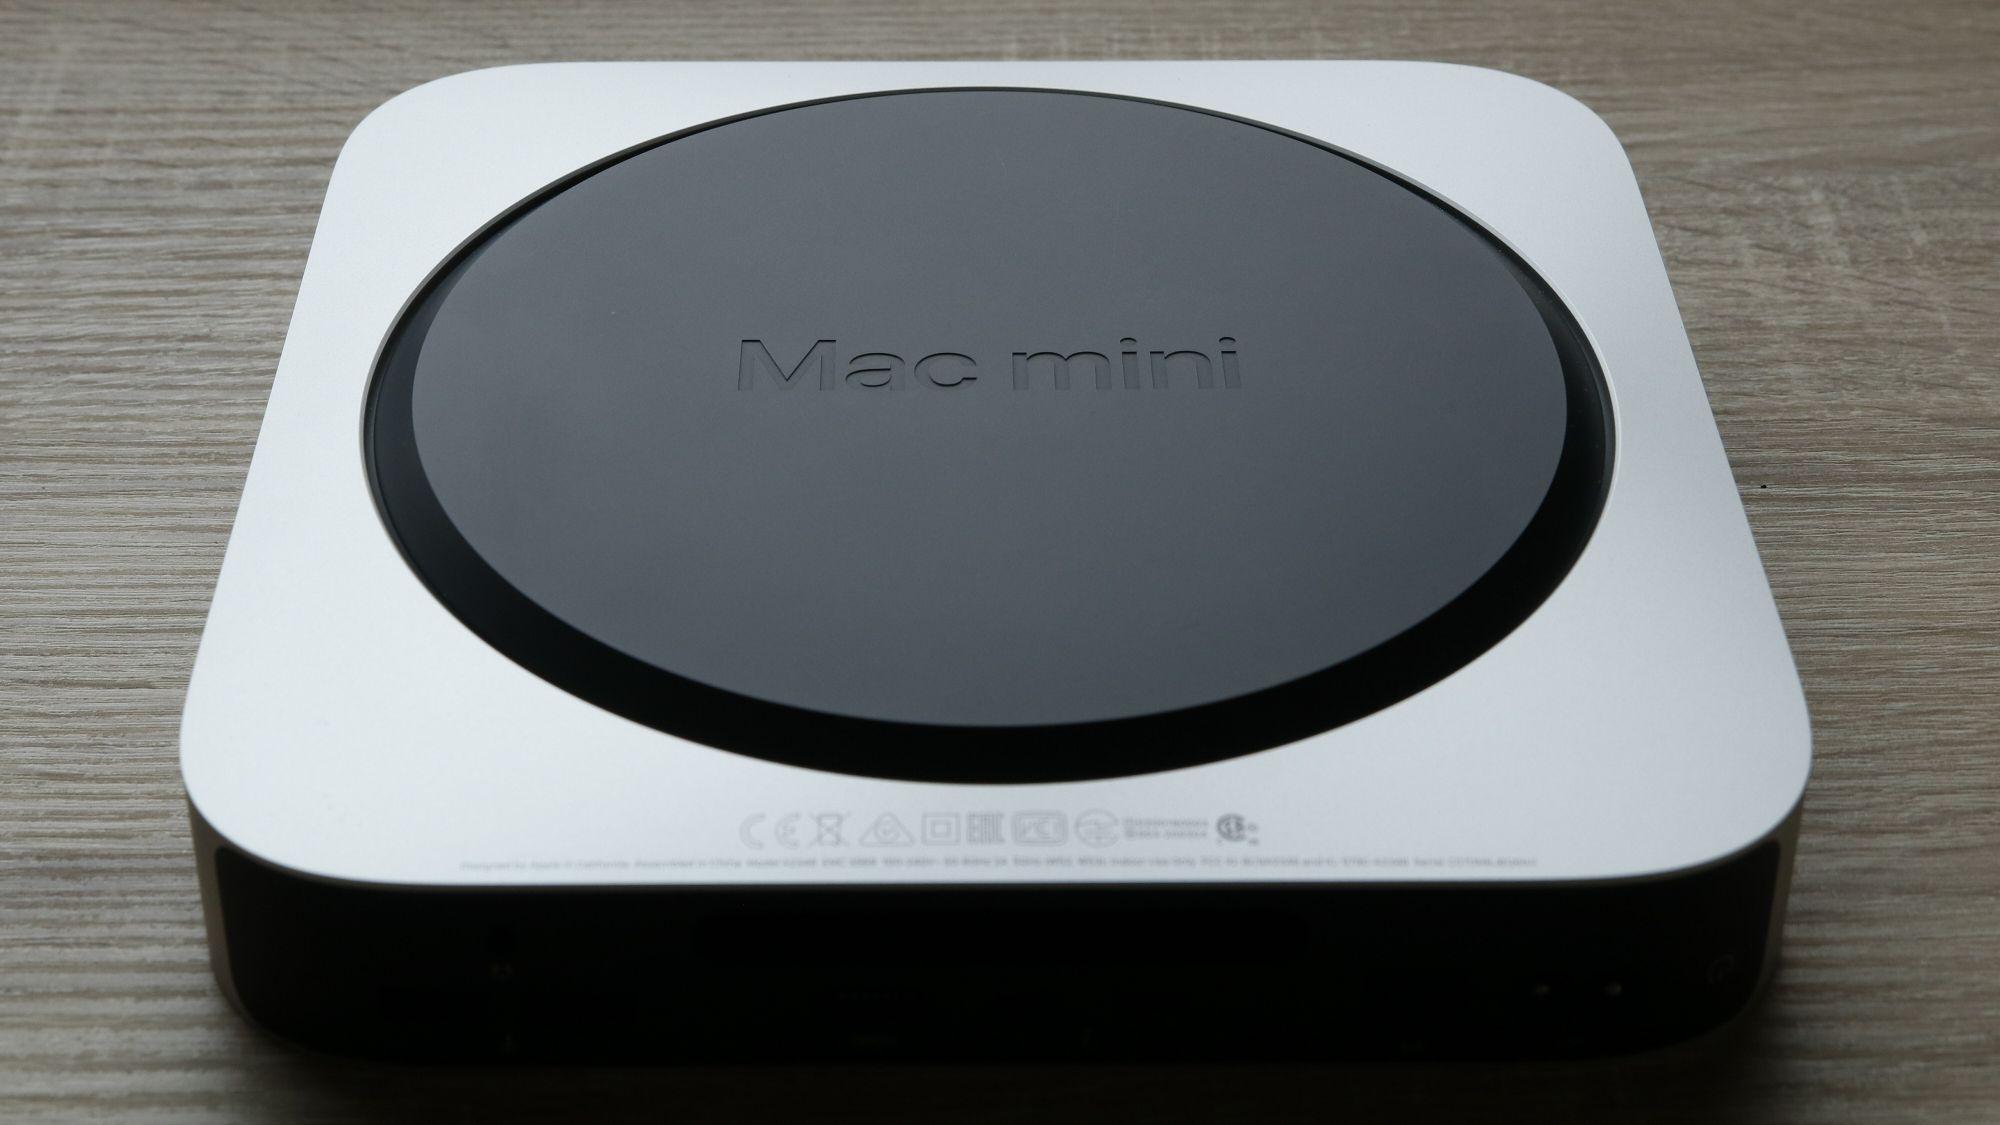 Hevder ny Mac mini er rett rundt hjørnet